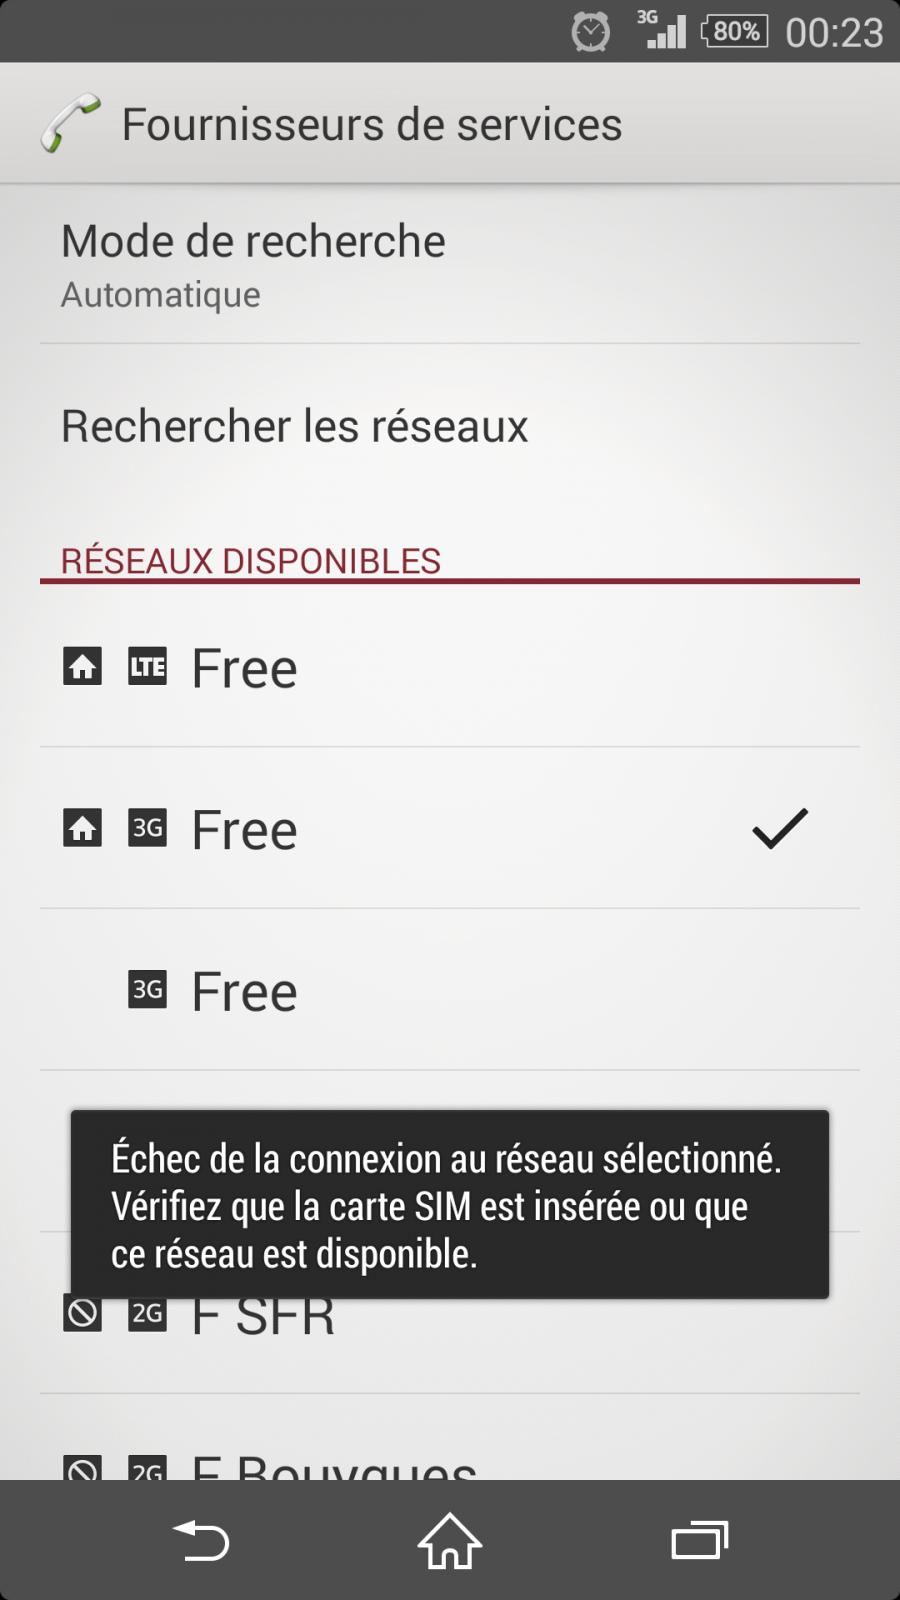 MP3 TÉLÉCHARGER GENERIQUE GRATUIT DEXTER